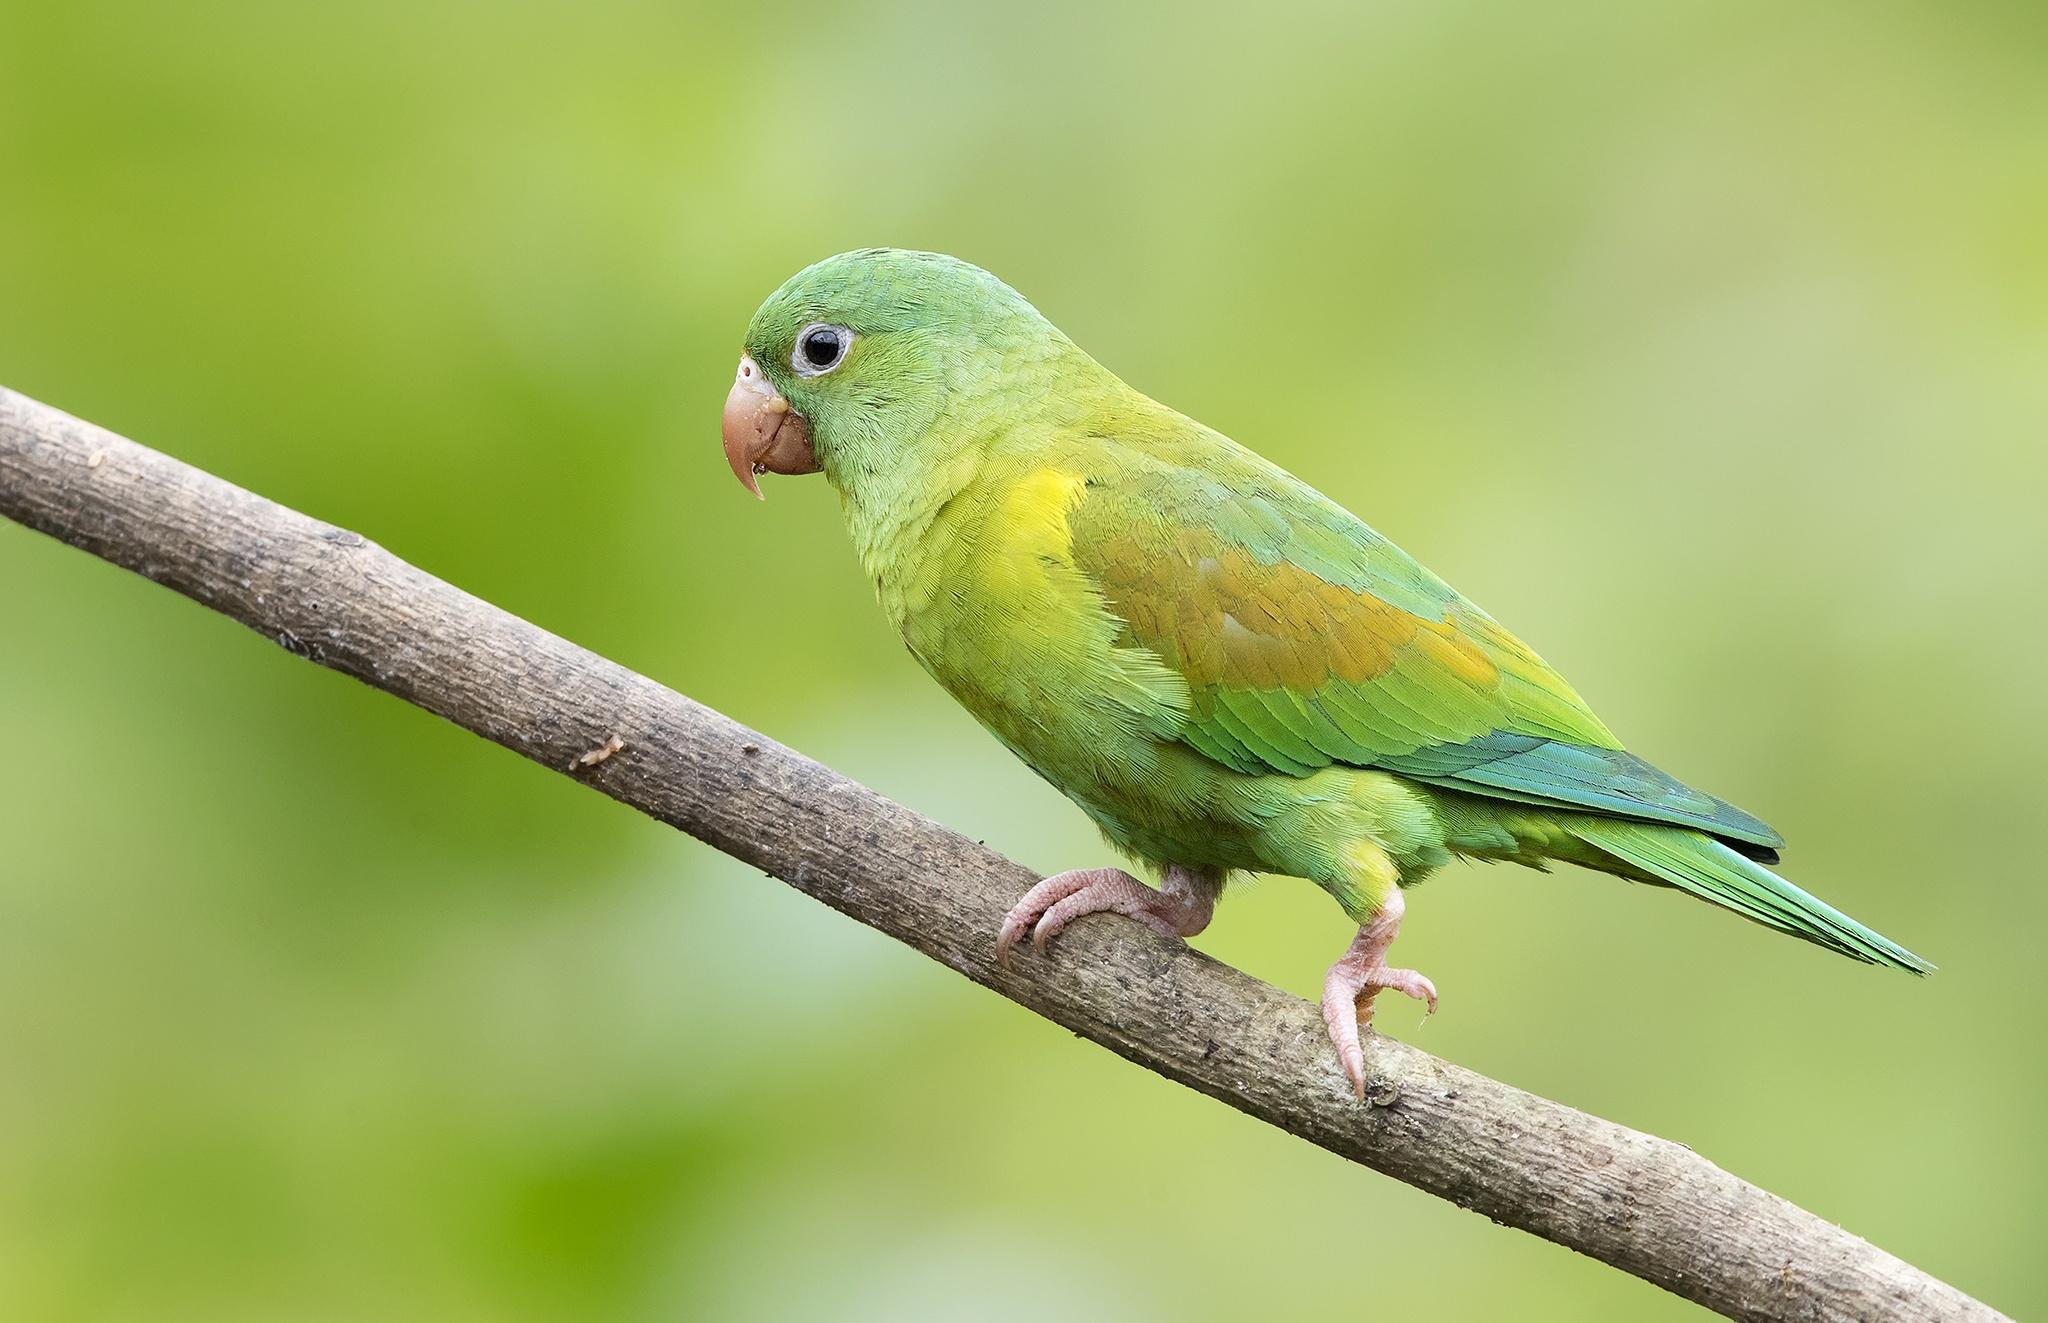 Картинка на рабочий стол зеленый попугай